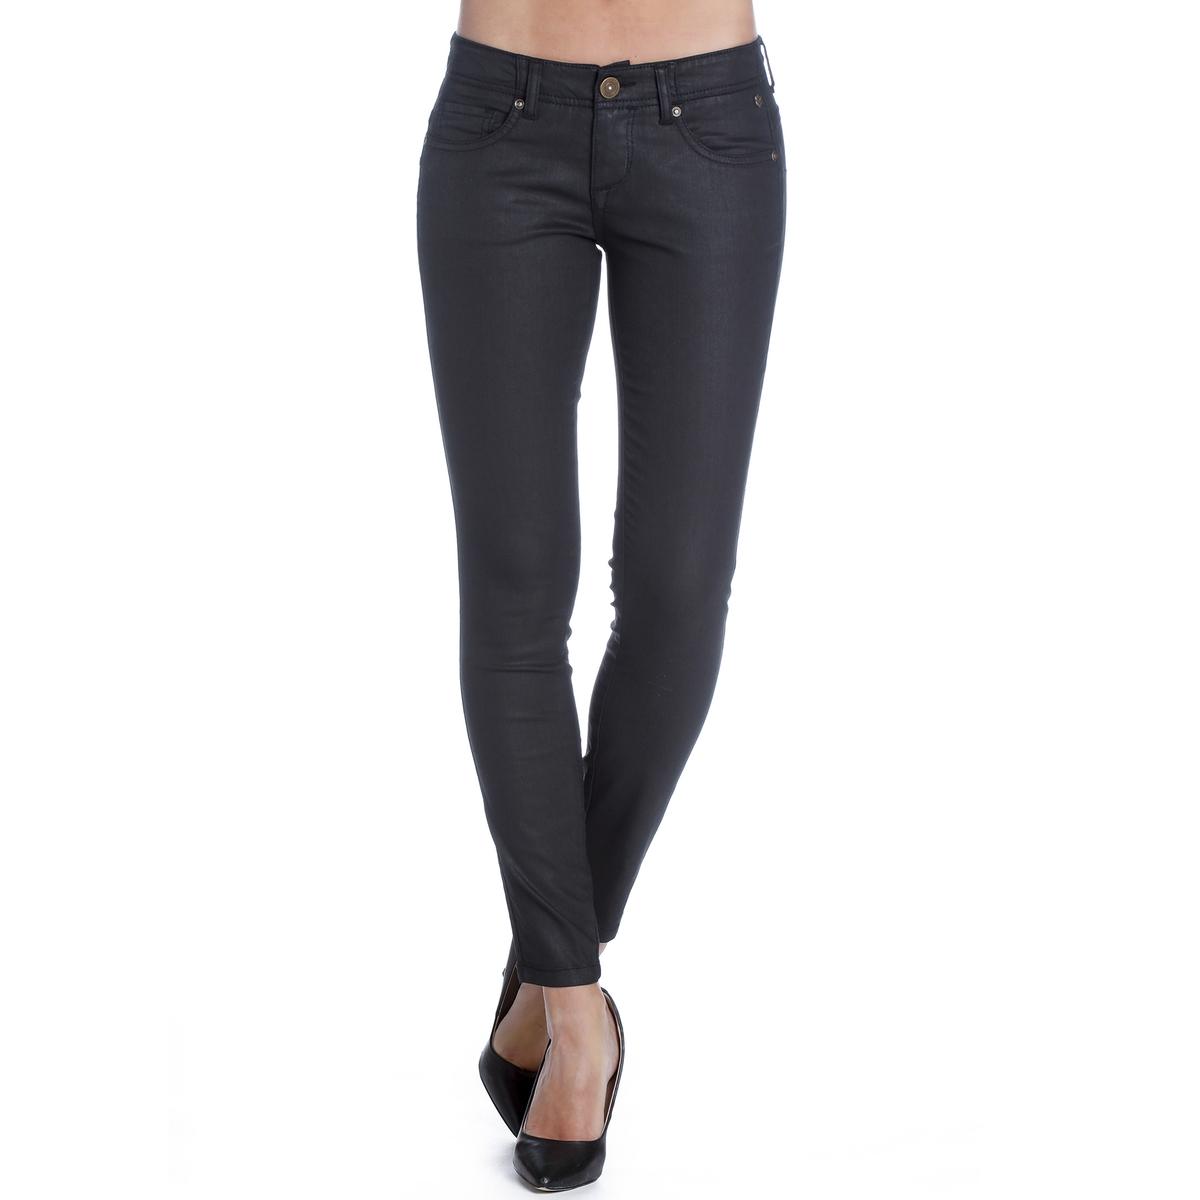 Брюки узкие, покрой дудочки с завышенной талией Dorya Myskin брюки узкие дудочки